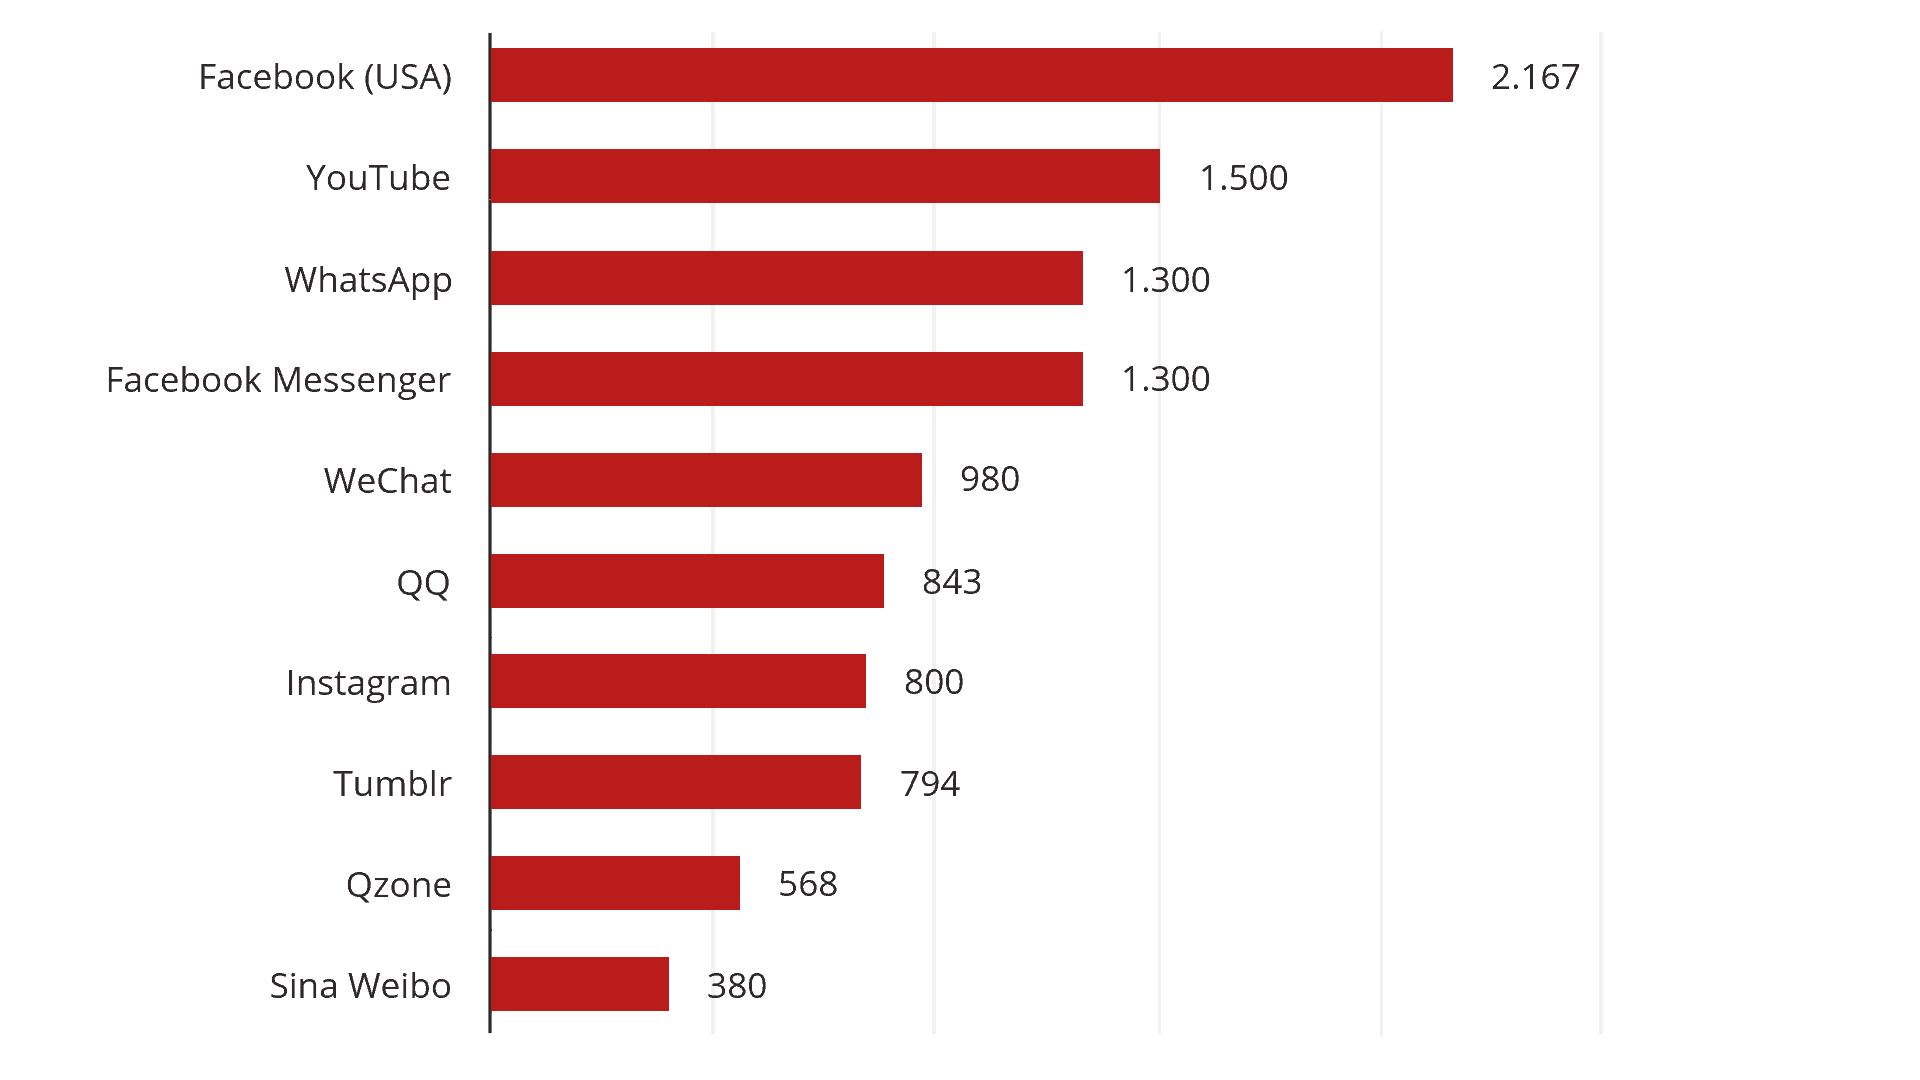 Según número de usuarios activos mensualmente (MAU) en millones Enero de 2018